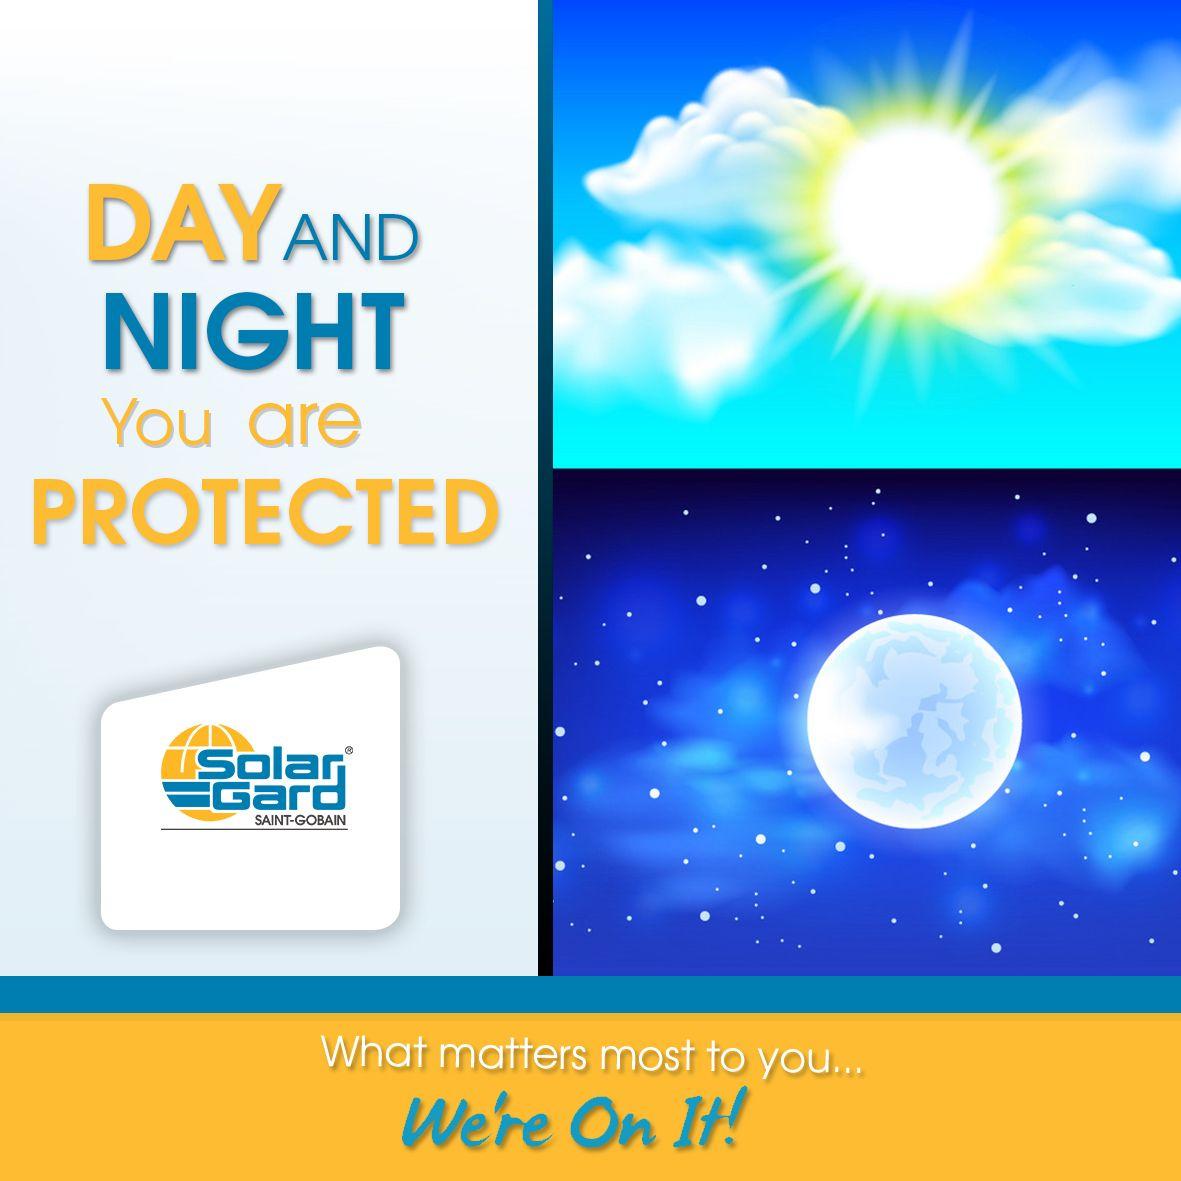 هذا الجلاد تستفيد منه ليلا ونهار وهو غير مرئي ولا يغير لون الزجاج كما انه يحميك في حالة كسر الزجاج وحمايتك ايضا من الاشعة فوق البنفسجية Solar Gard Learning